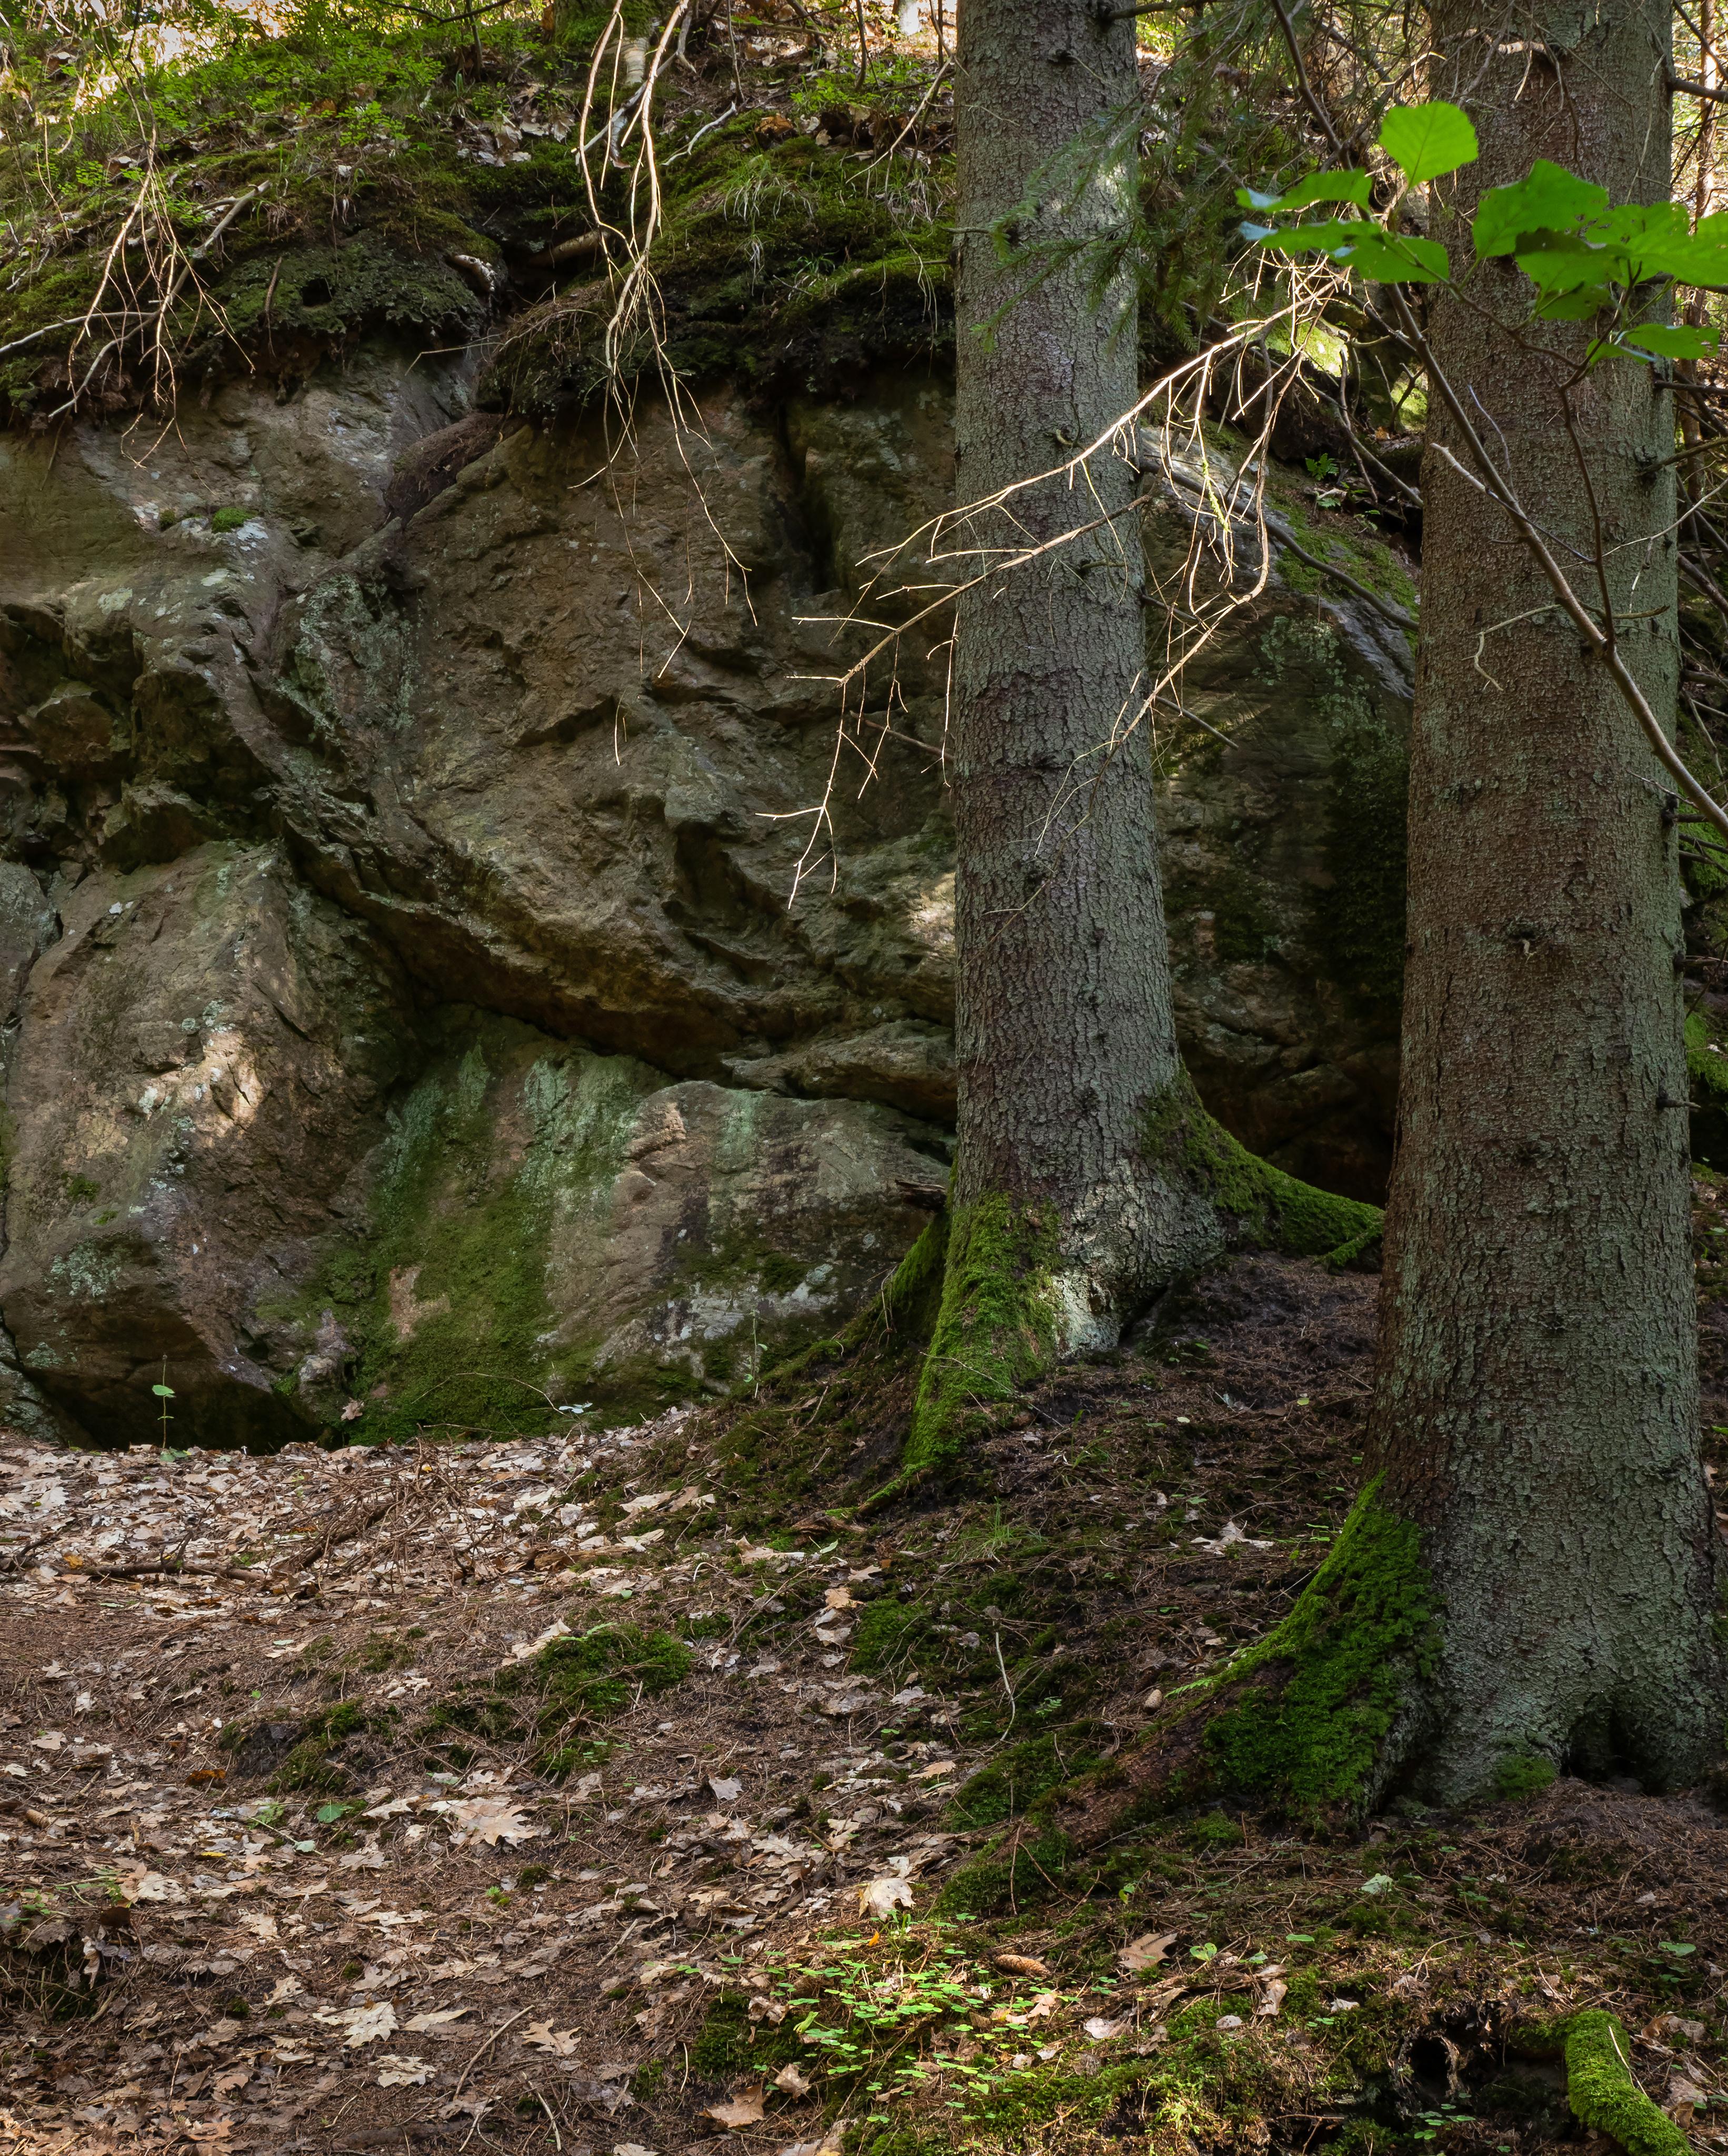 Giant boulder in gullmarsskogen ravine photo